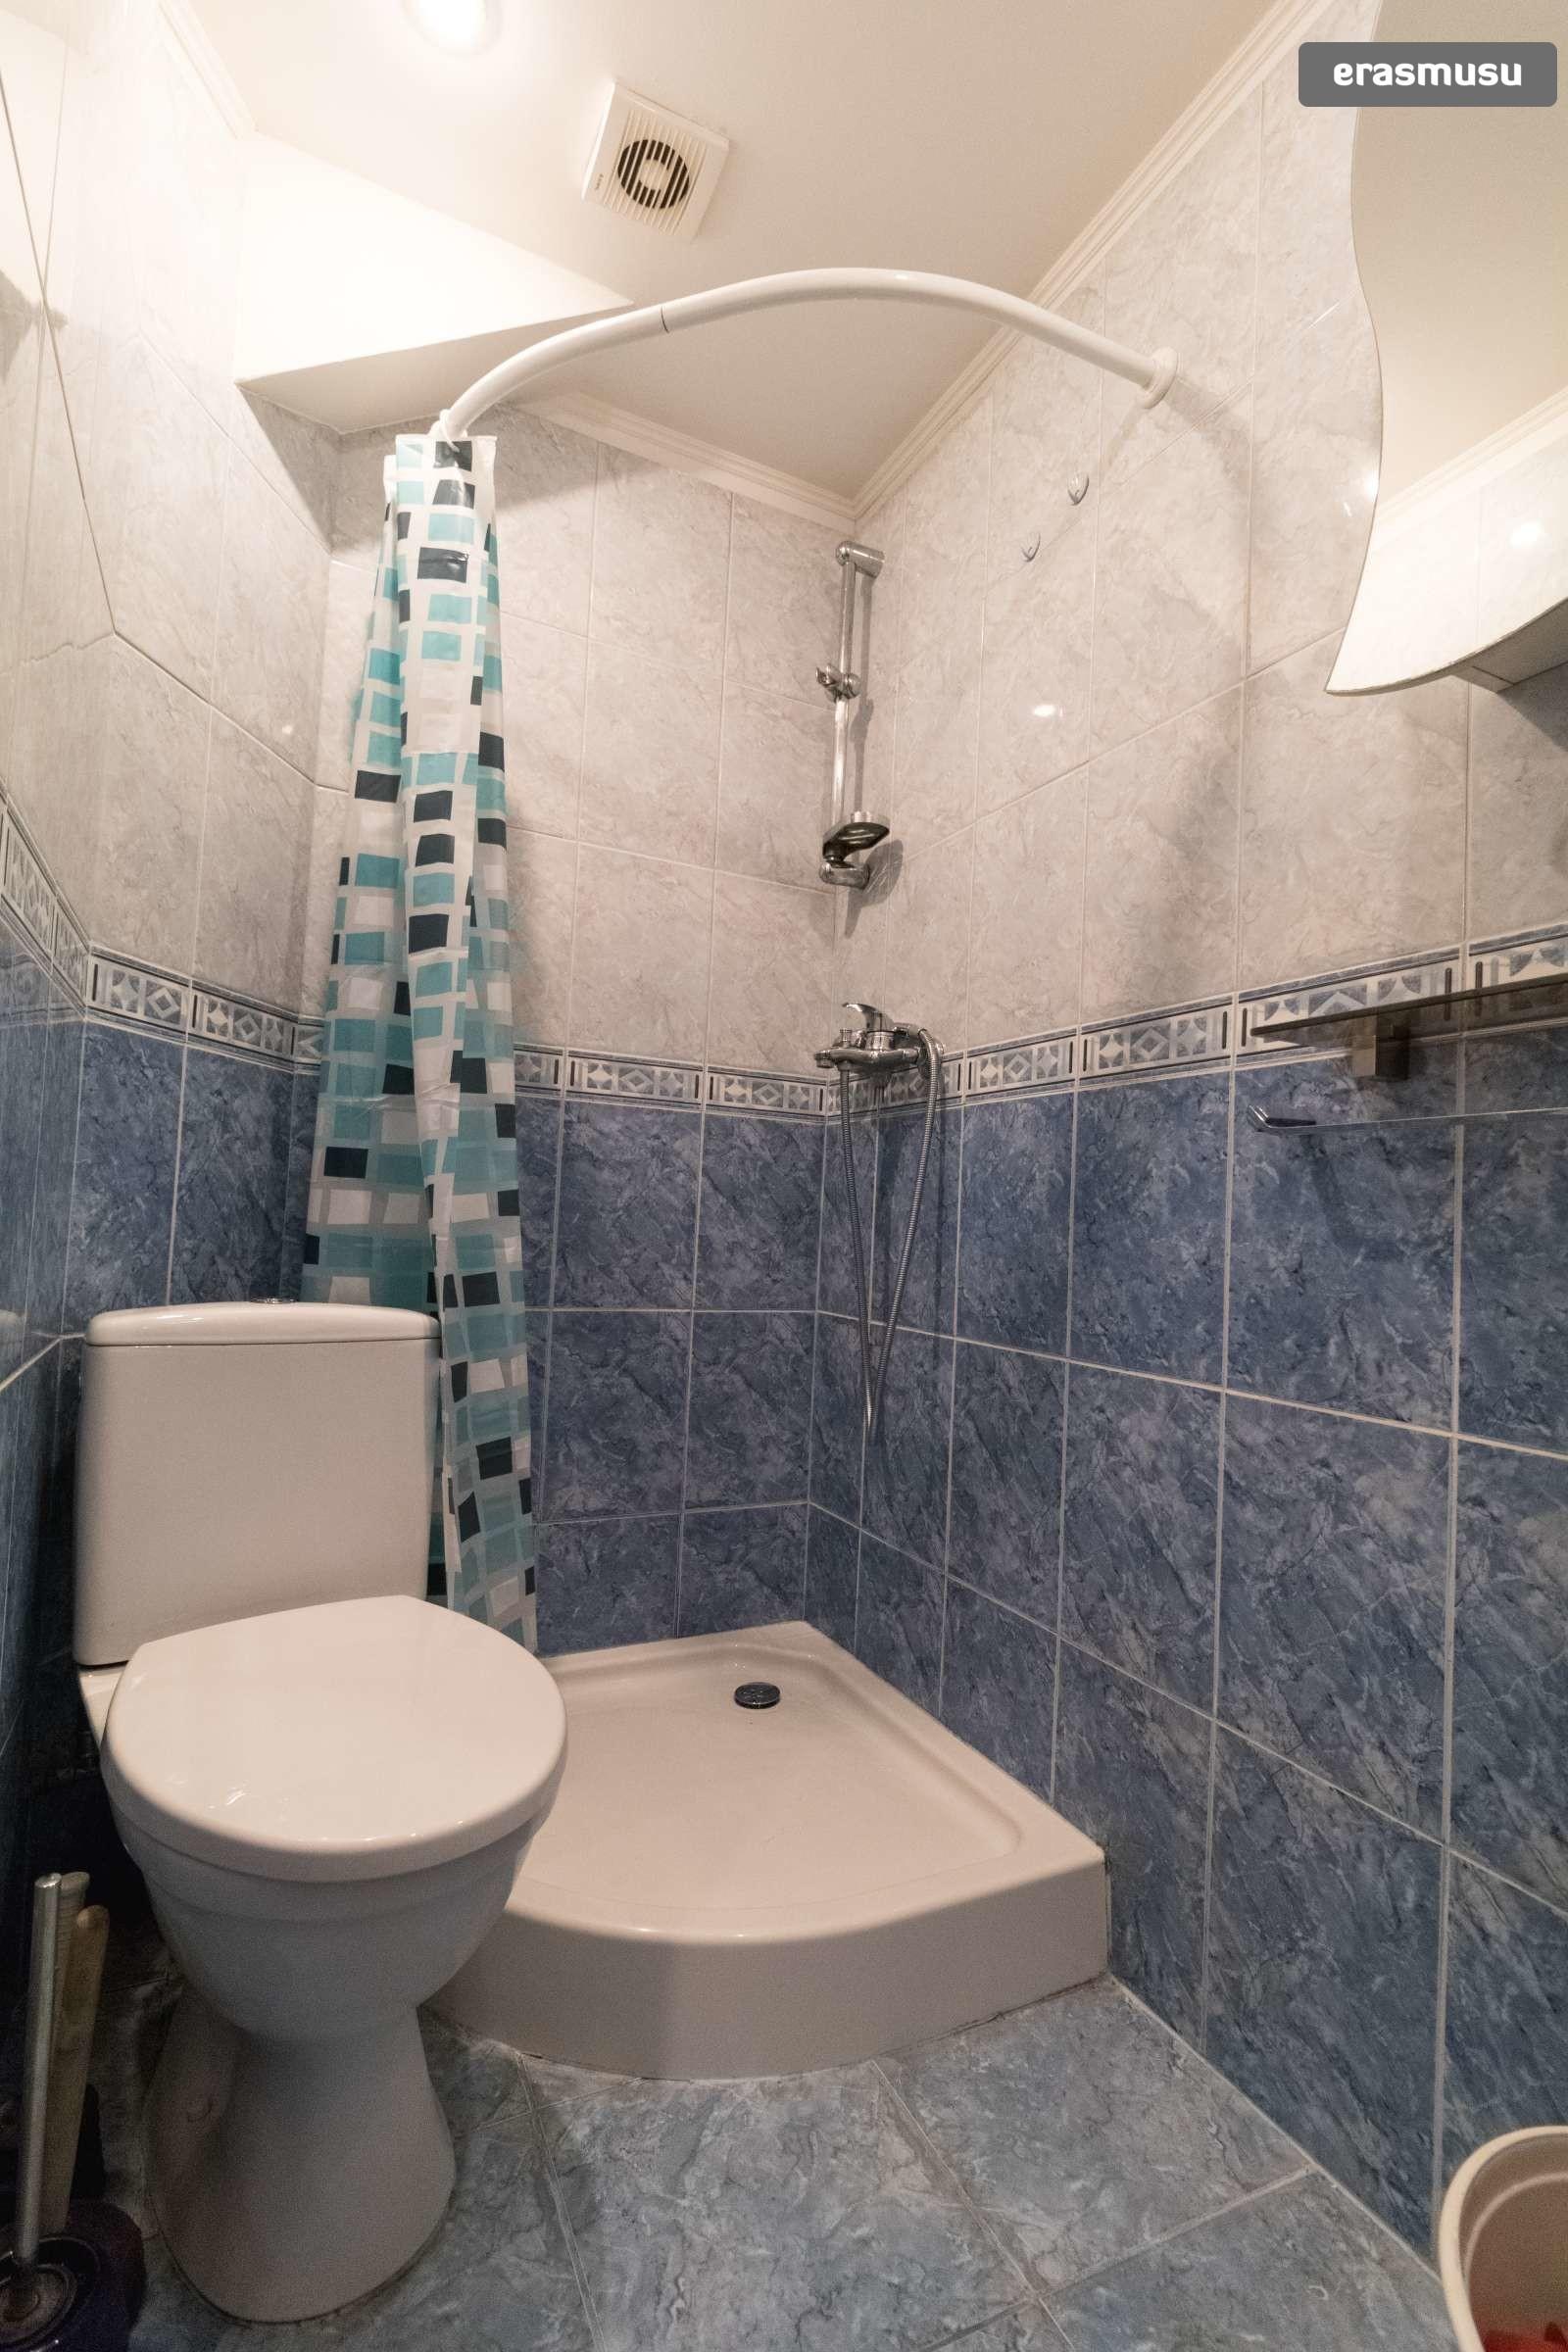 cozy-1-bedroom-apartment-rent-avoti-4d6ab80c273963fe1a7a01f14f6b